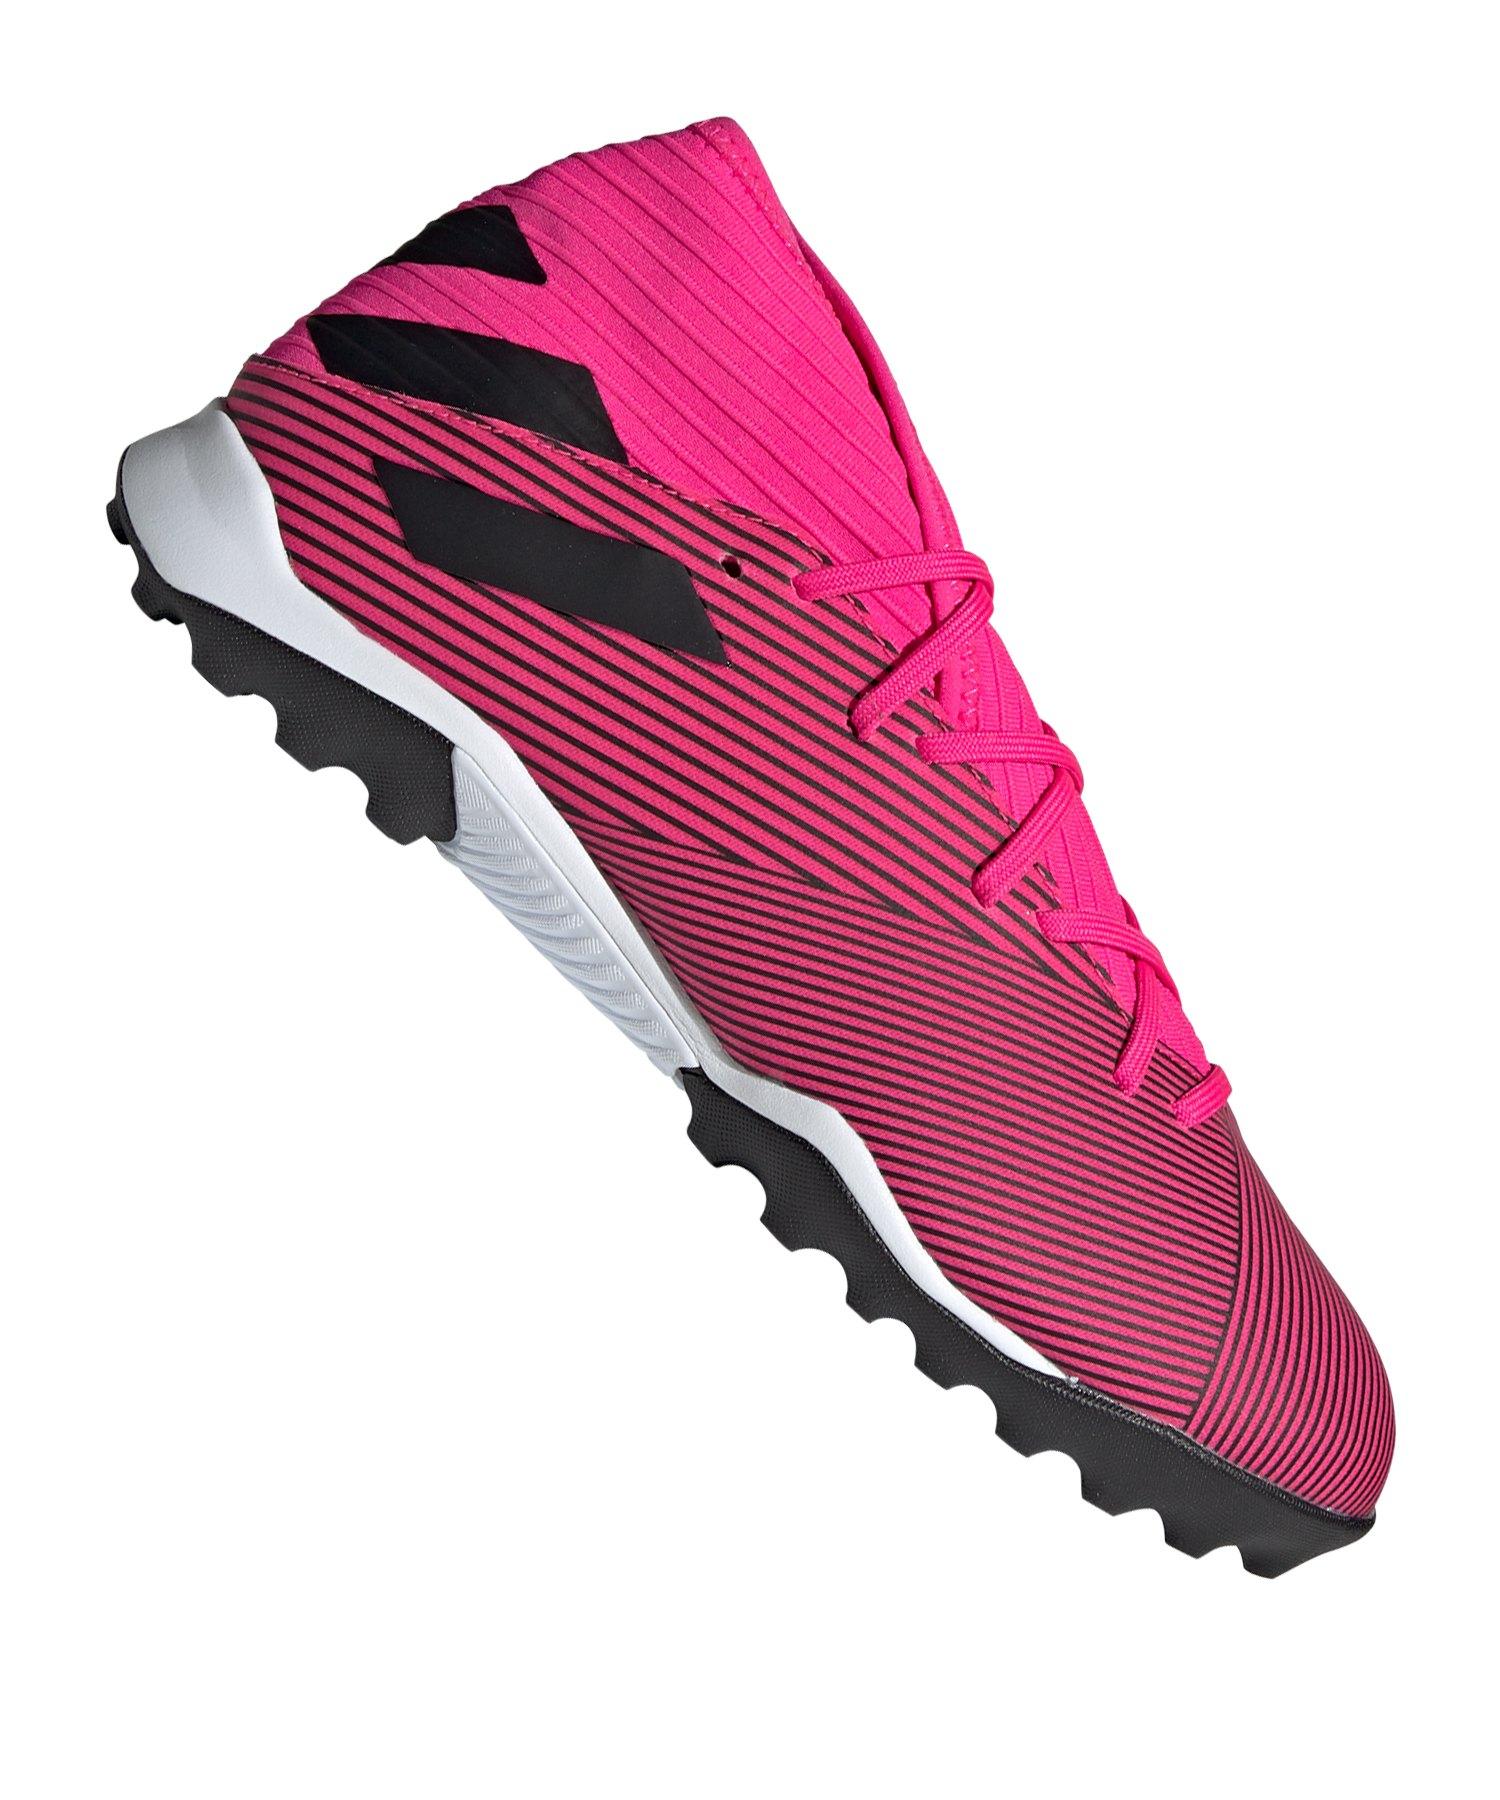 adidas NEMEZIZ 19.3 TF Pink - pink